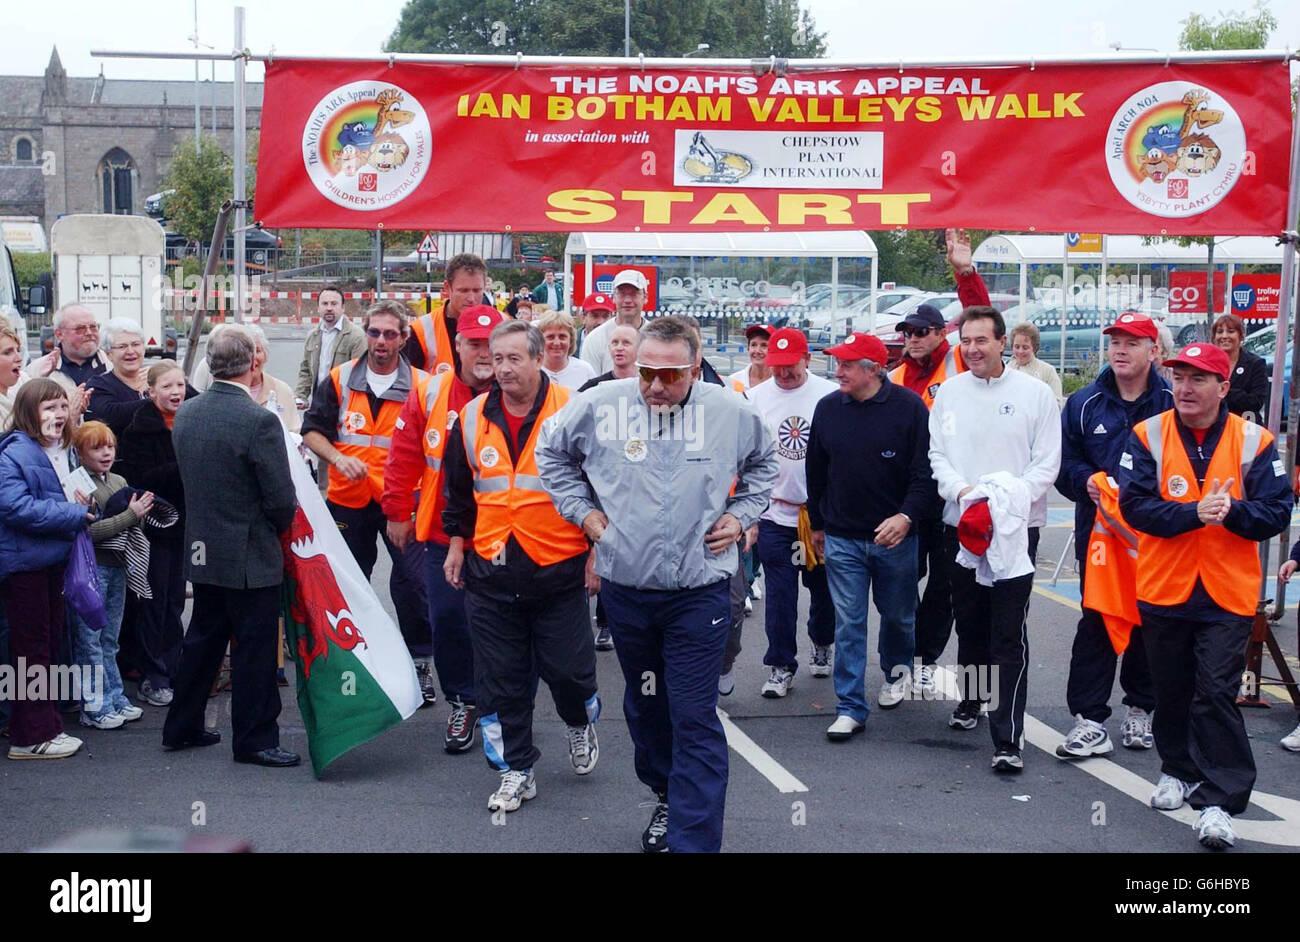 Ian Botham Charity Walk - Stock Image